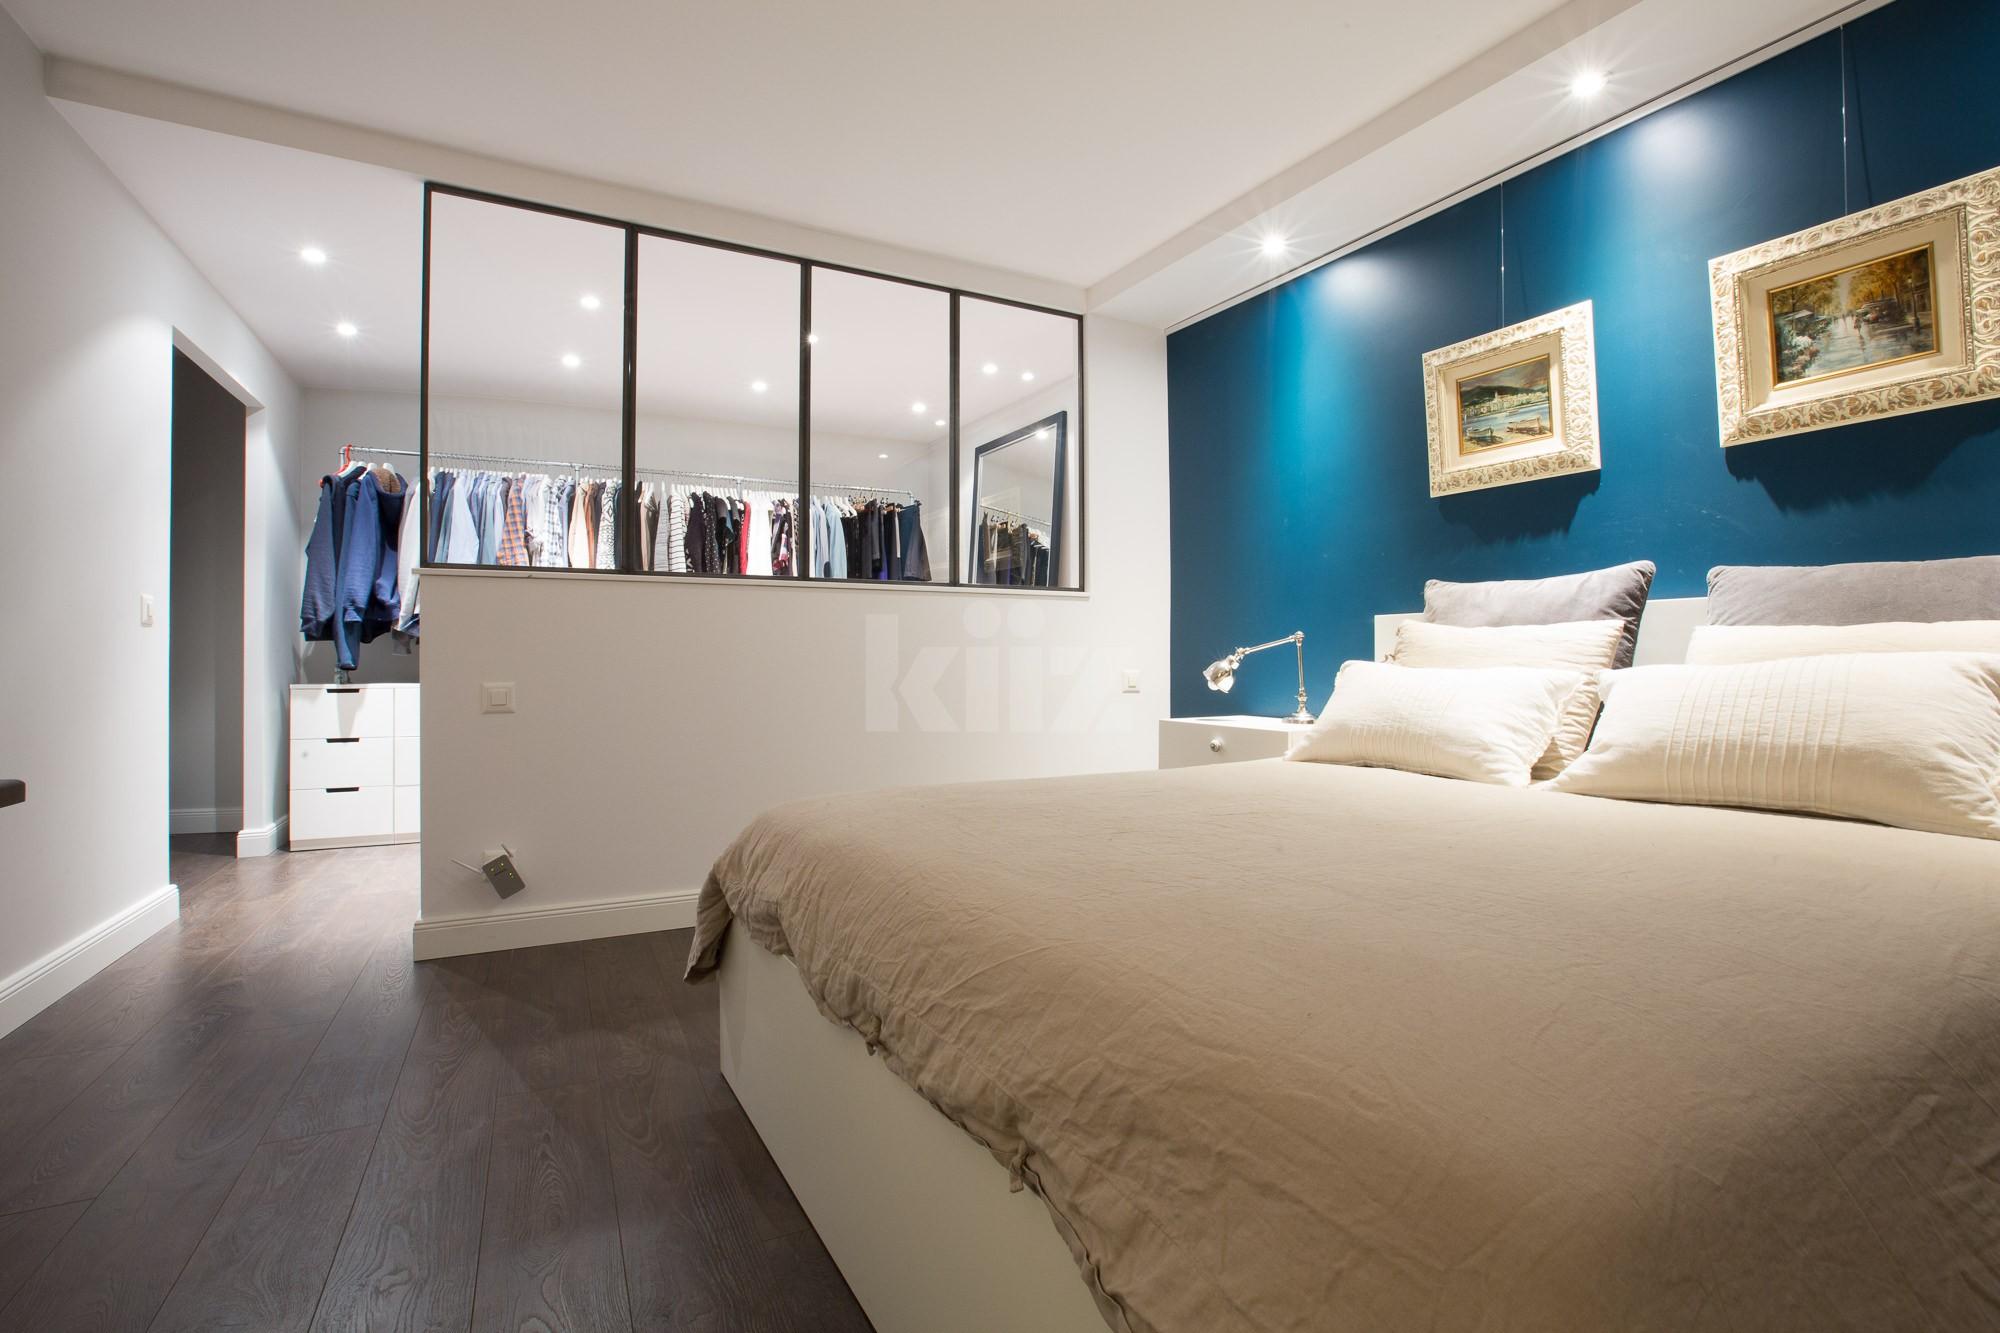 VENDU! Splendide appartement entièrement rénové avec goût - 7